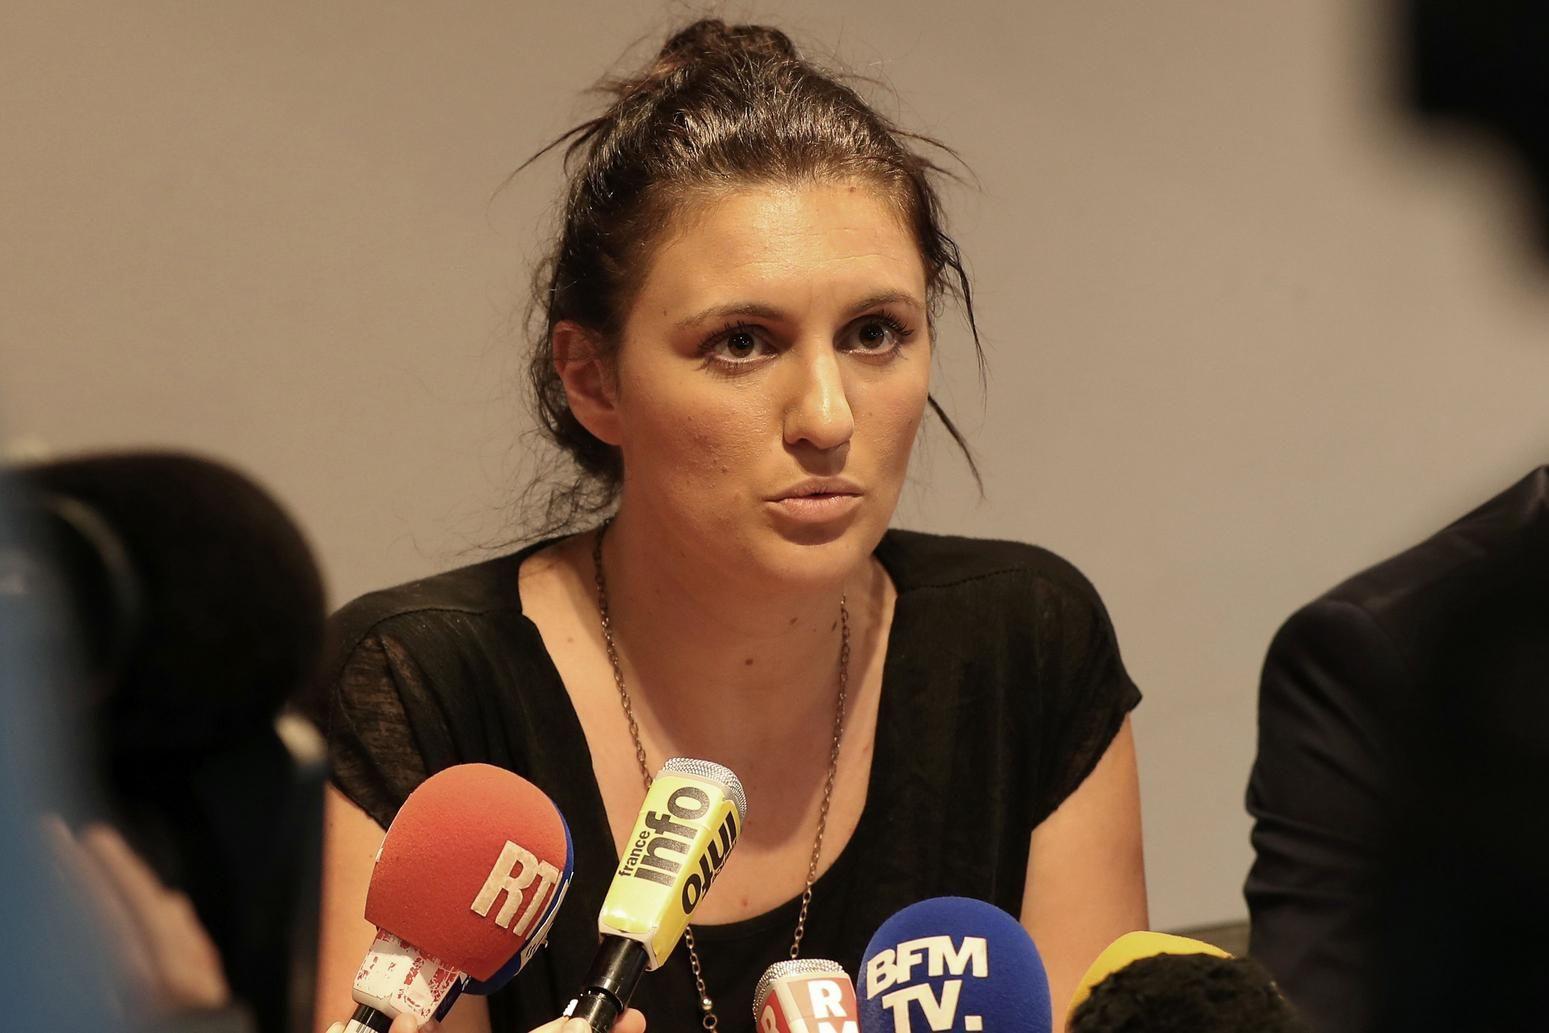 프랑스 경찰 내부고발자 '니스 테러 보고서를 고칠 것을 명령받았다'